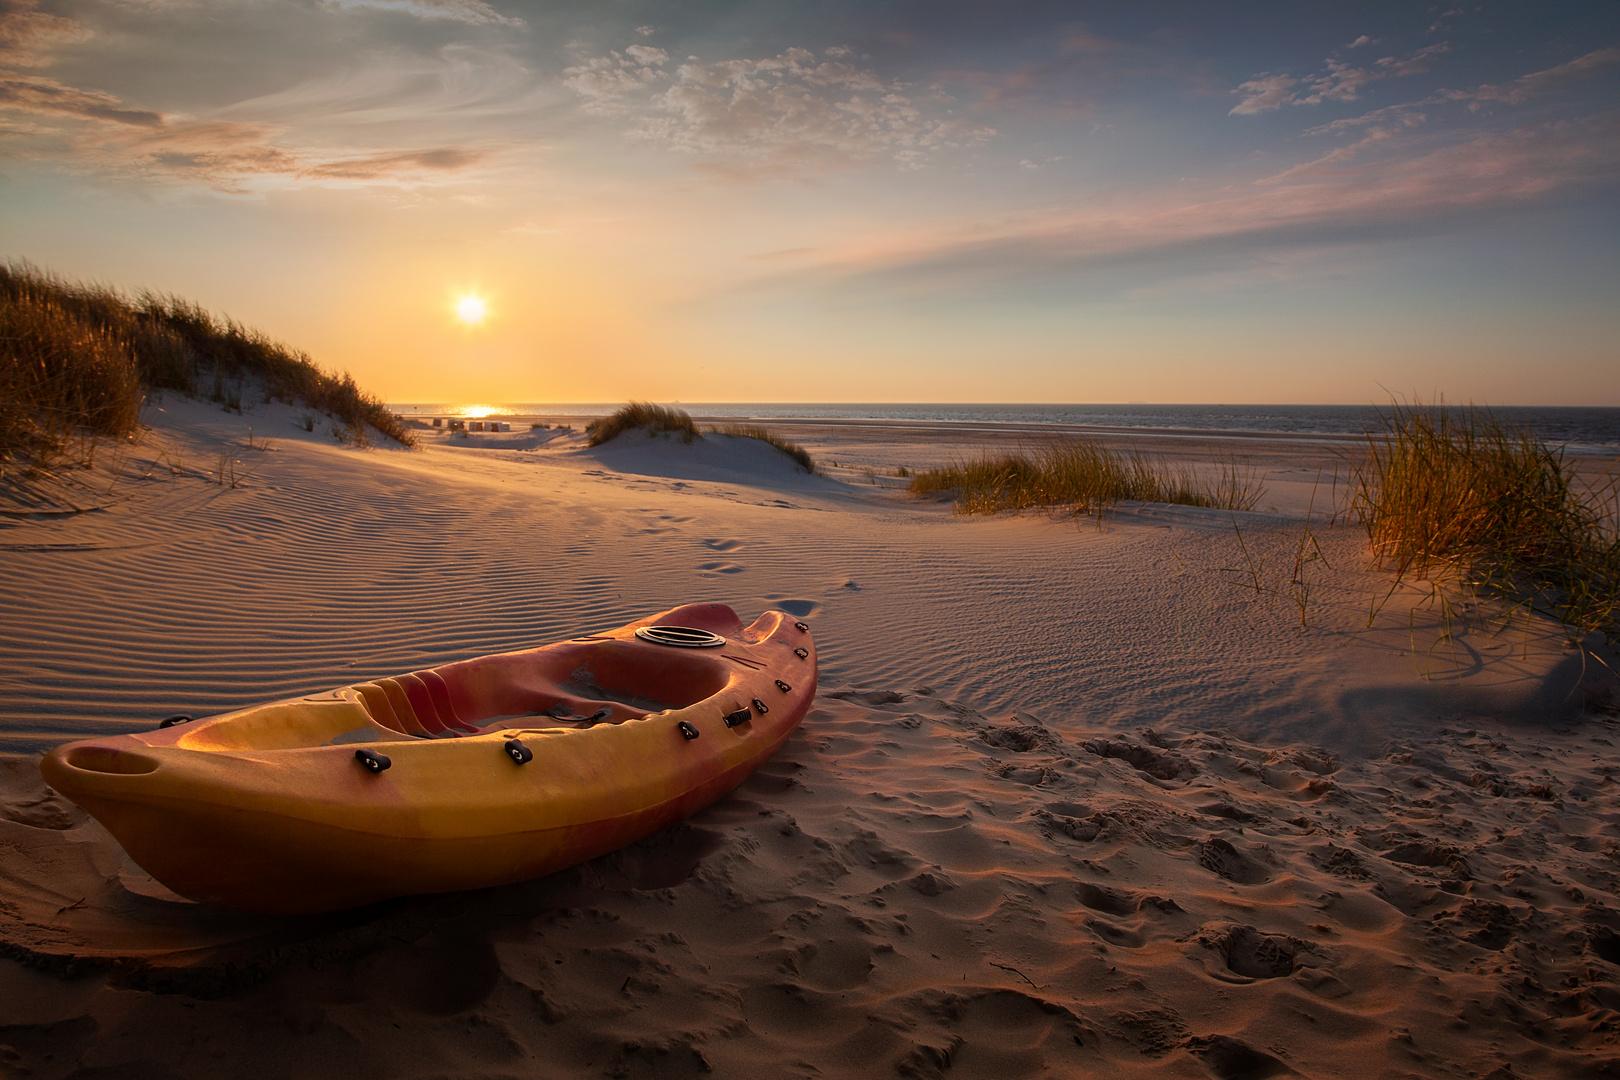 Abends am Strand meiner Träume